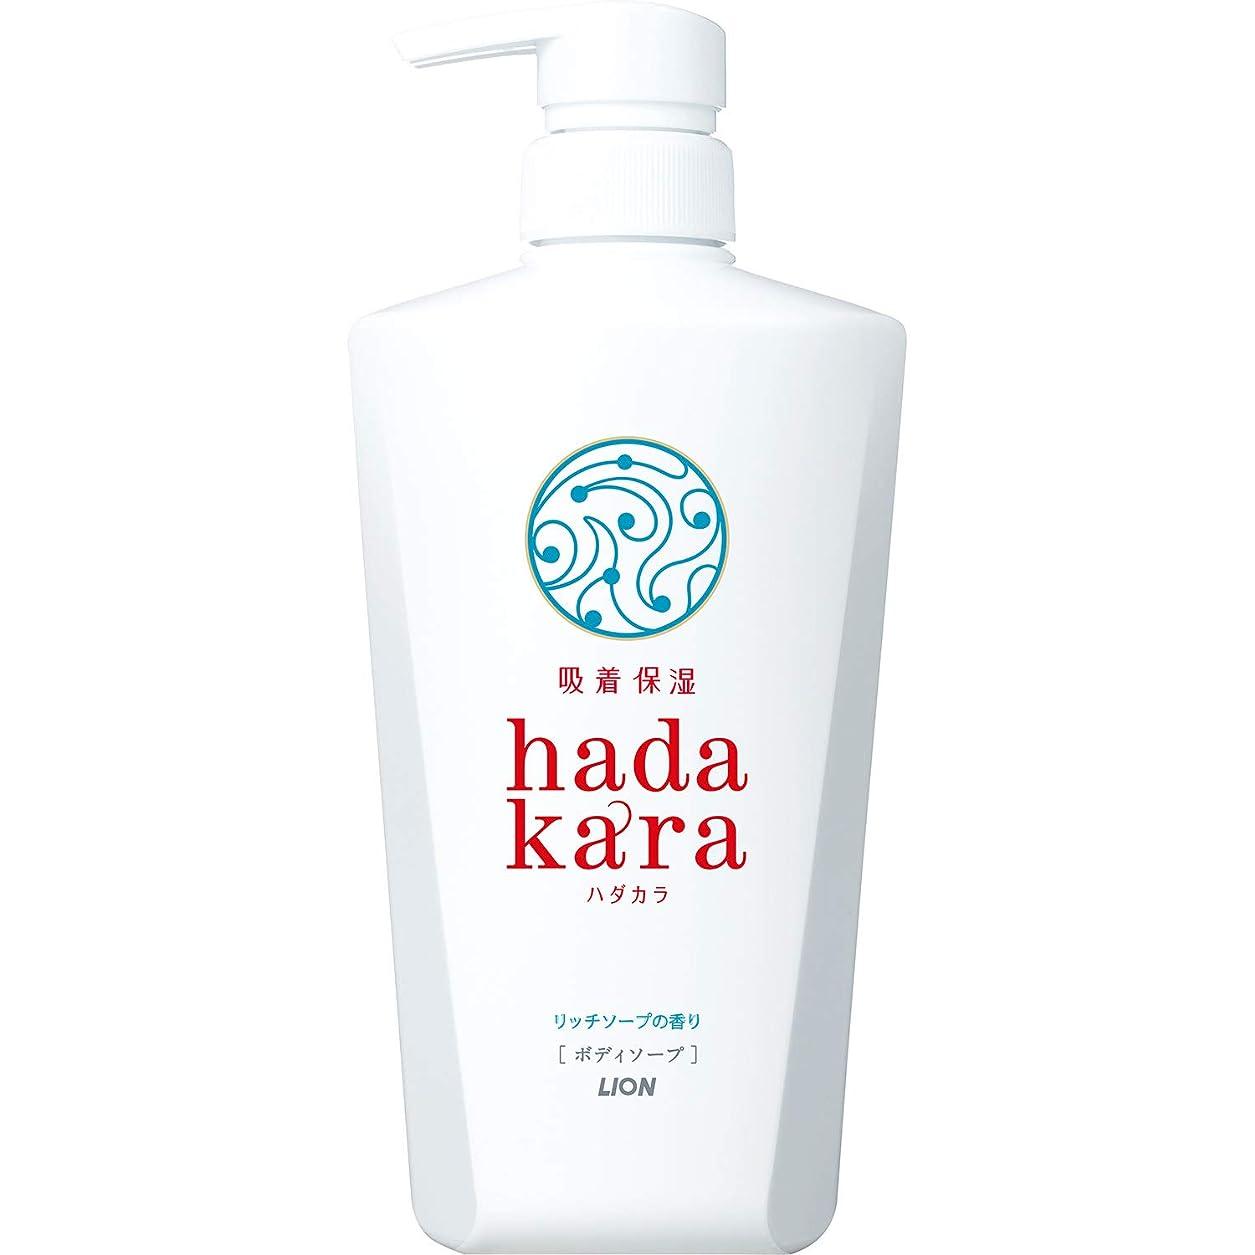 値するしょっぱいモッキンバードhadakara(ハダカラ) ボディソープ リッチソープの香り 本体 500ml